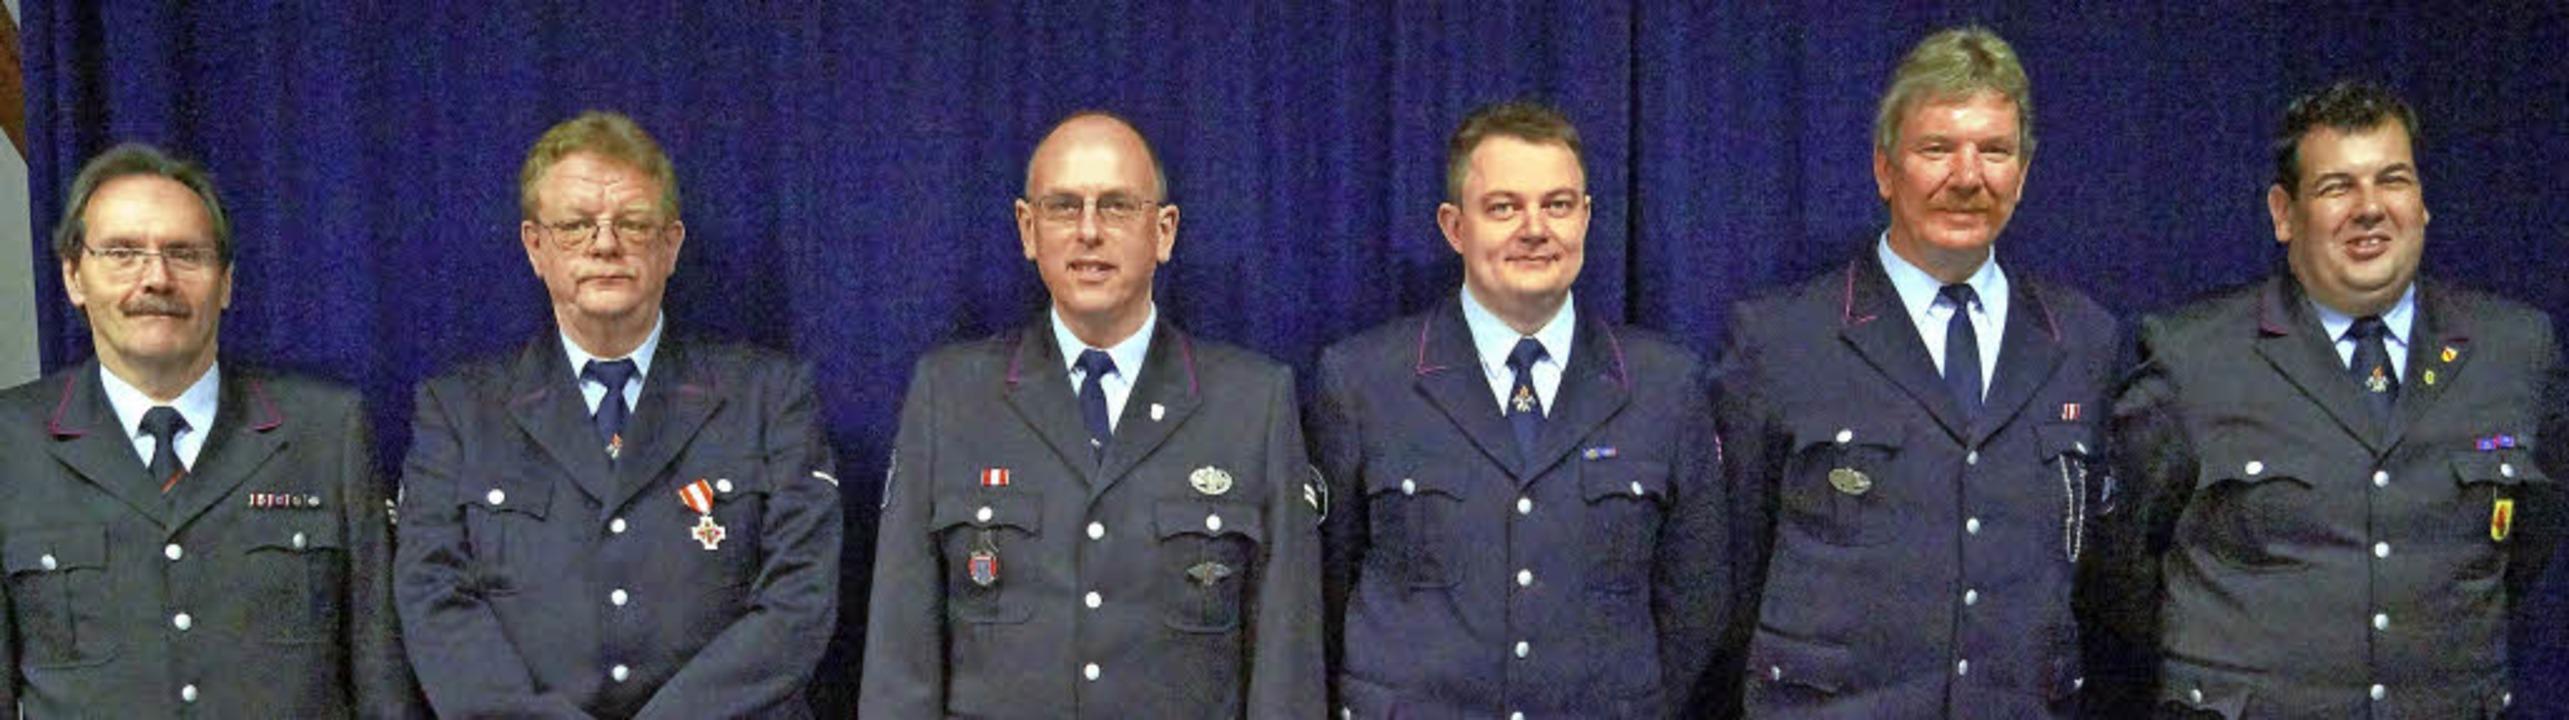 Der stellvertretende Kreisfeuerwehrver...ndant Peter Schelshorn (ganz rechts).   | Foto: Silke Hartenstein